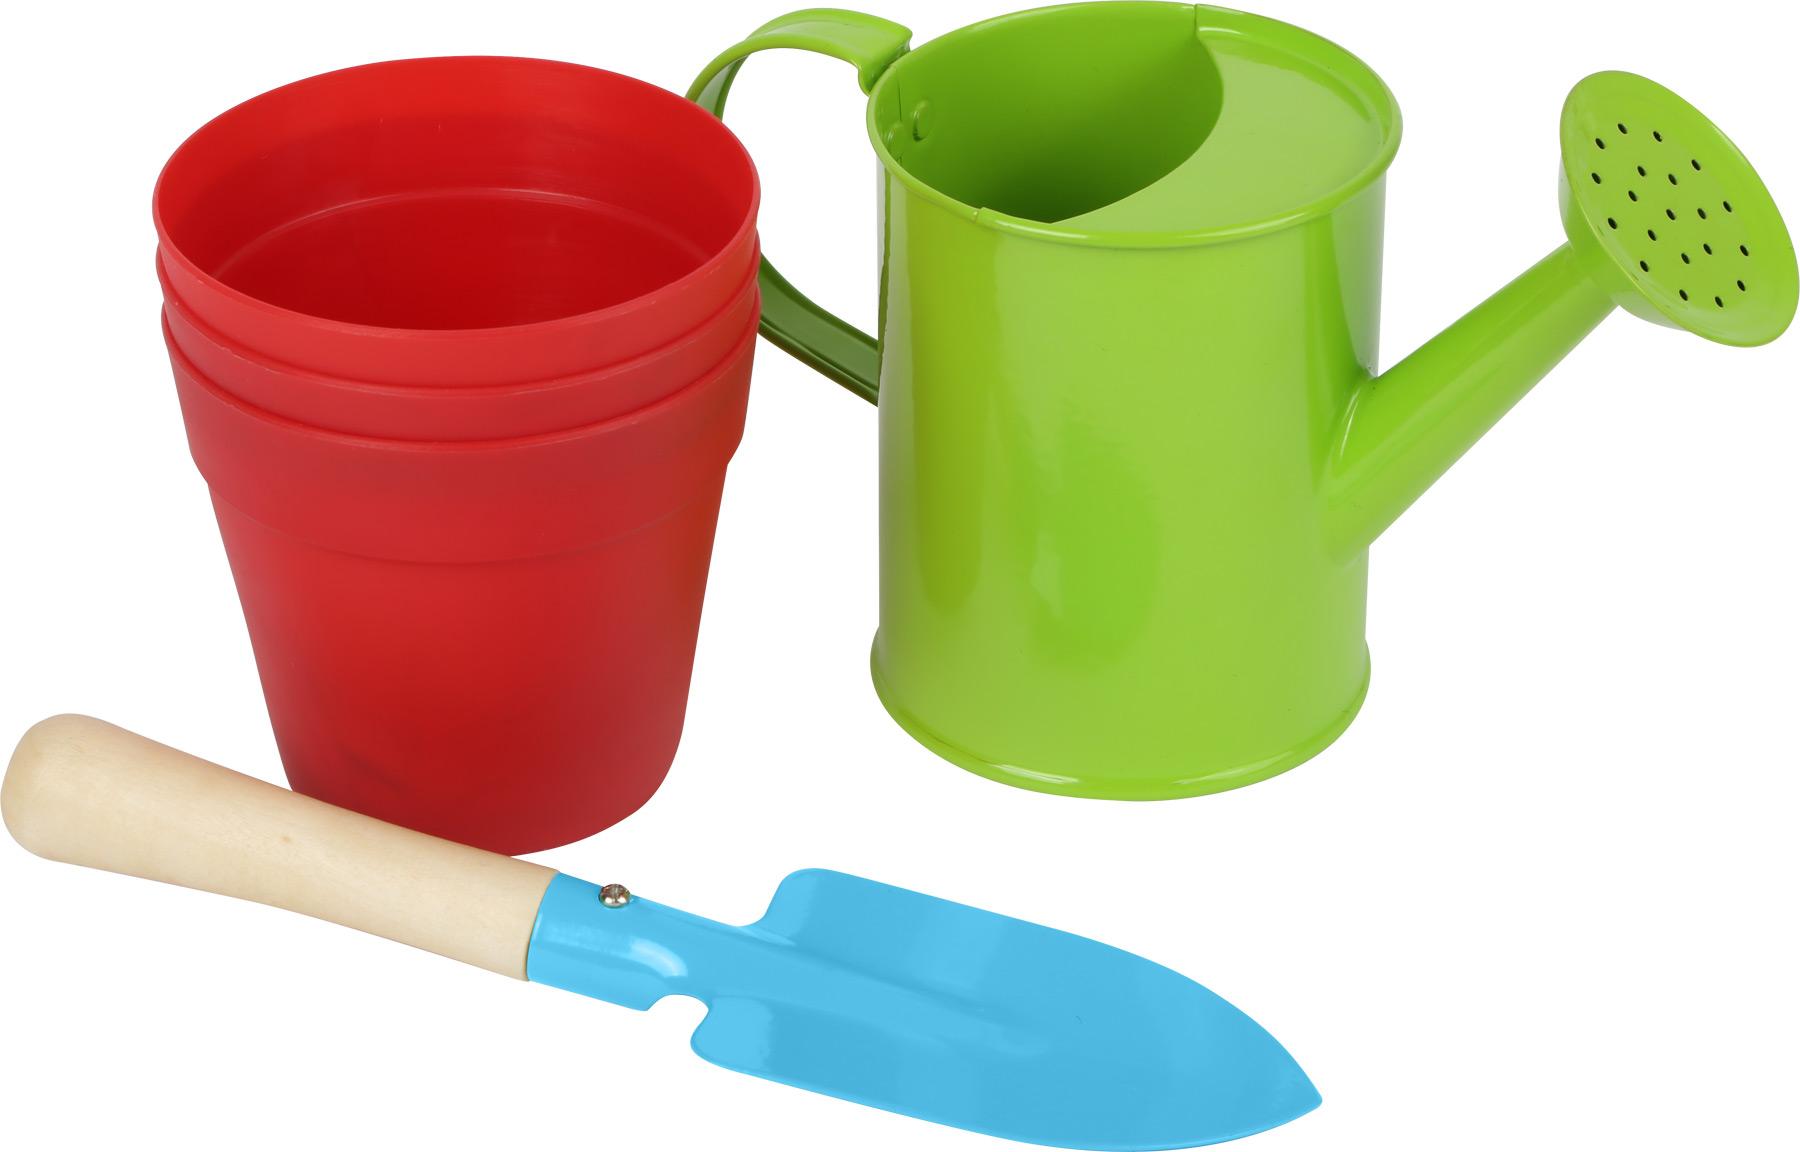 Gartengeräte-Set mit Tasche Sandkasten Sandspielzeug Gartentasche Spielzeug